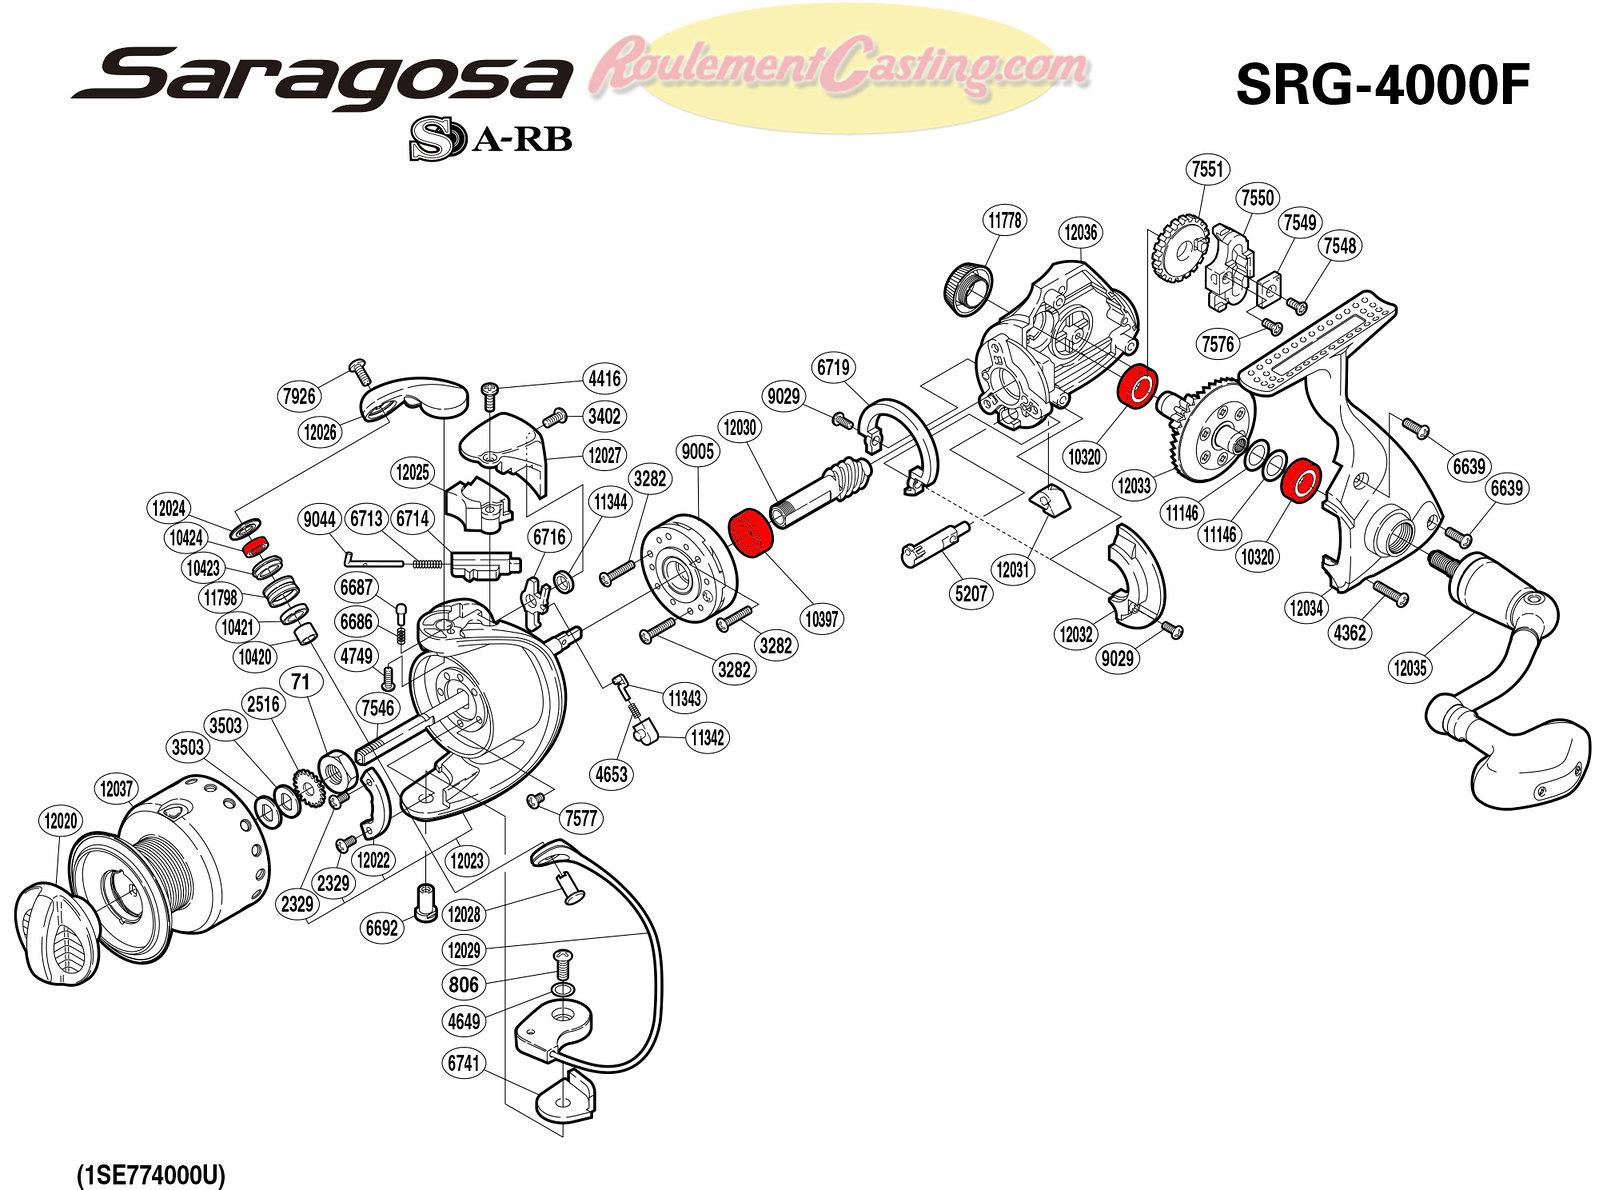 Schema-Shimano-SARAGOSA-4000F.